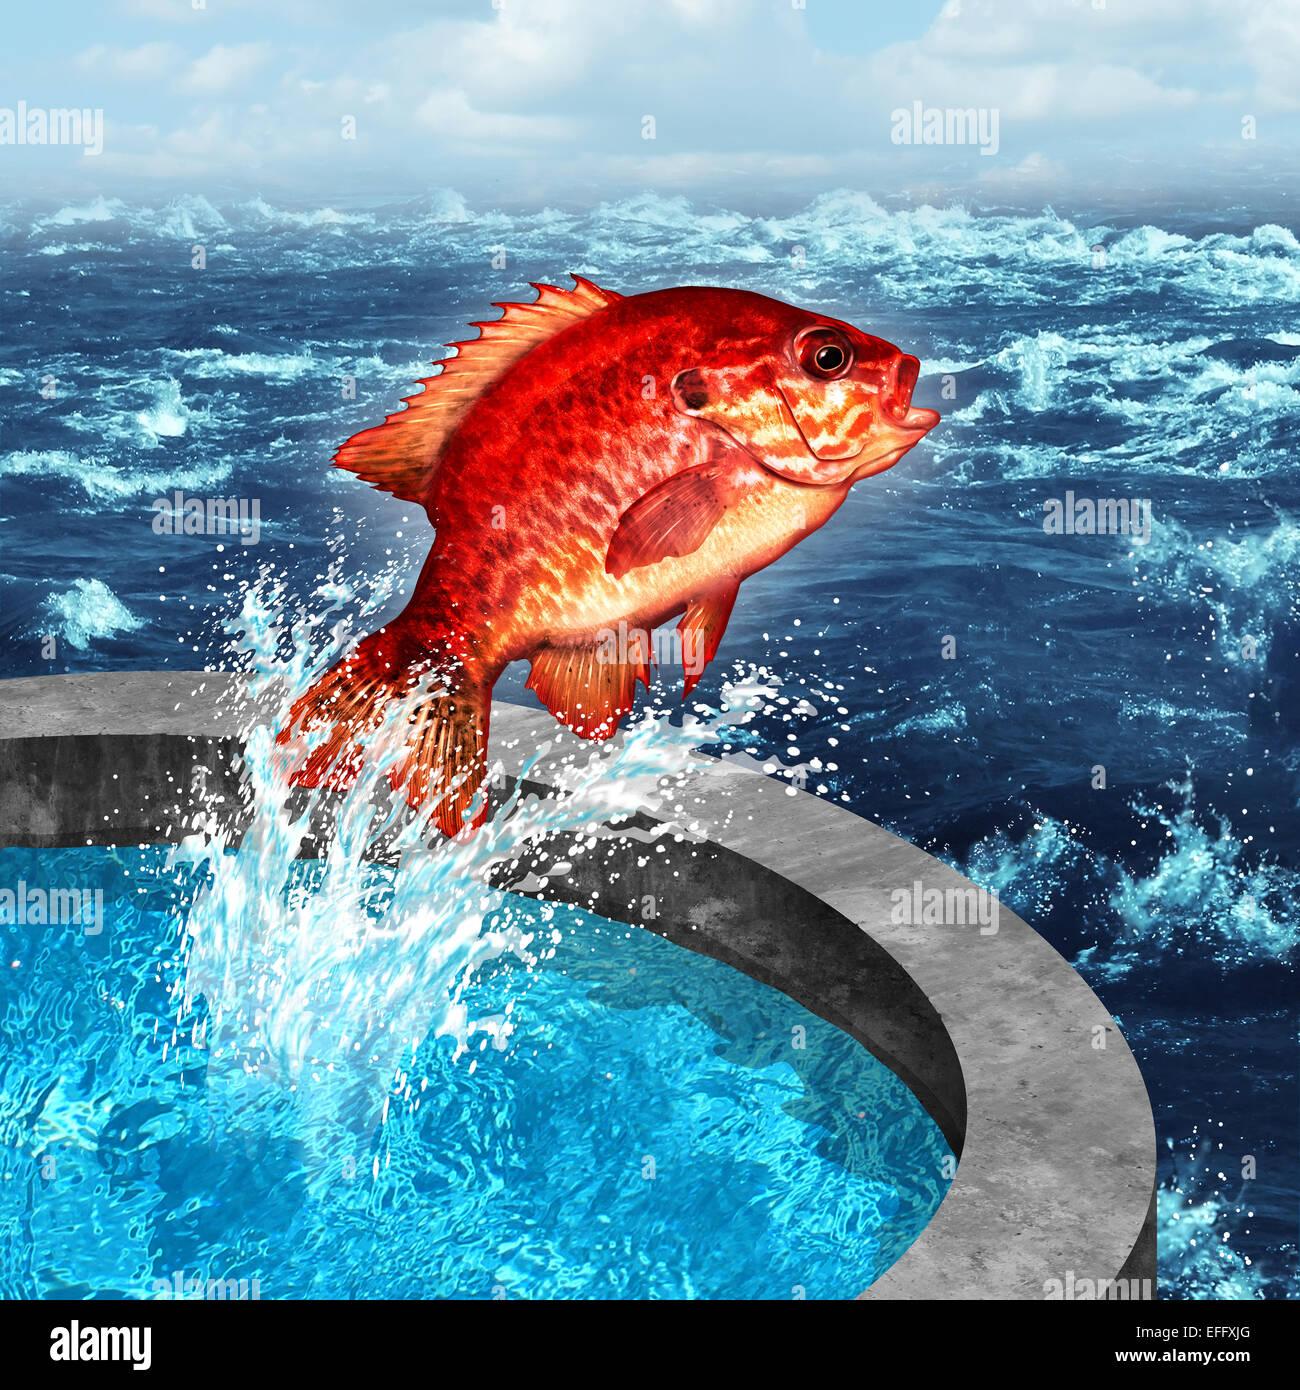 Concetto di coraggio e di ambizione simbolo come un pesce rosso salta fuori di una piscina artificiale per unire Immagini Stock